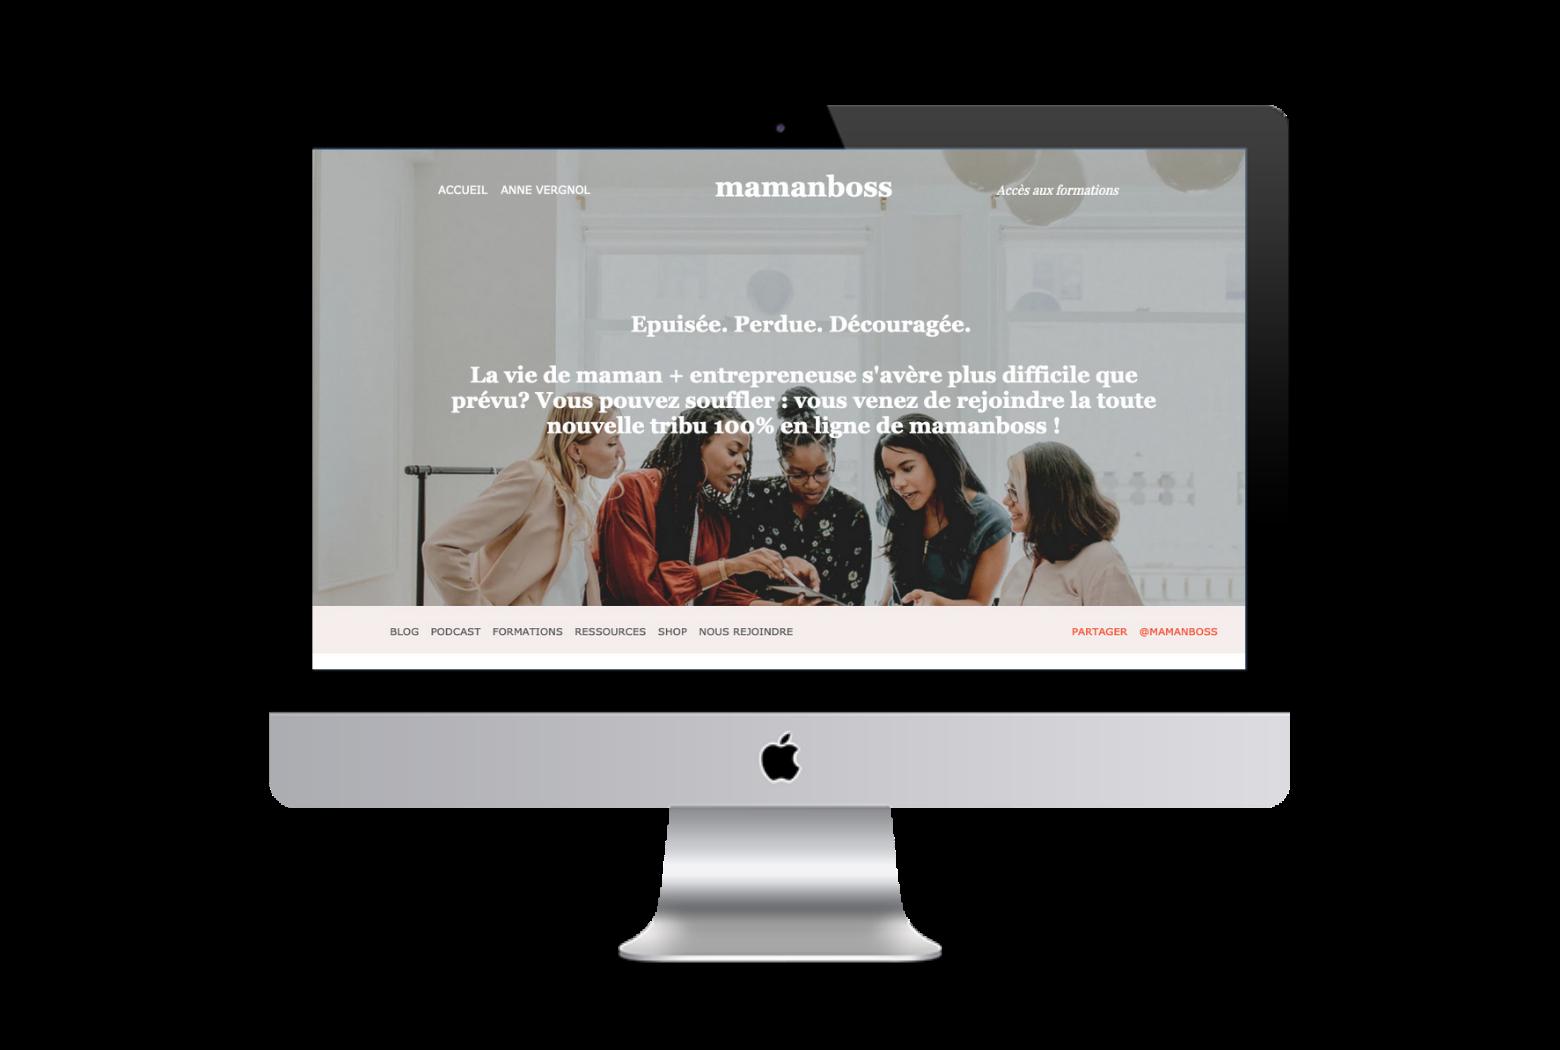 Site web mamanboss.com et sa communauté d'entrepreneures